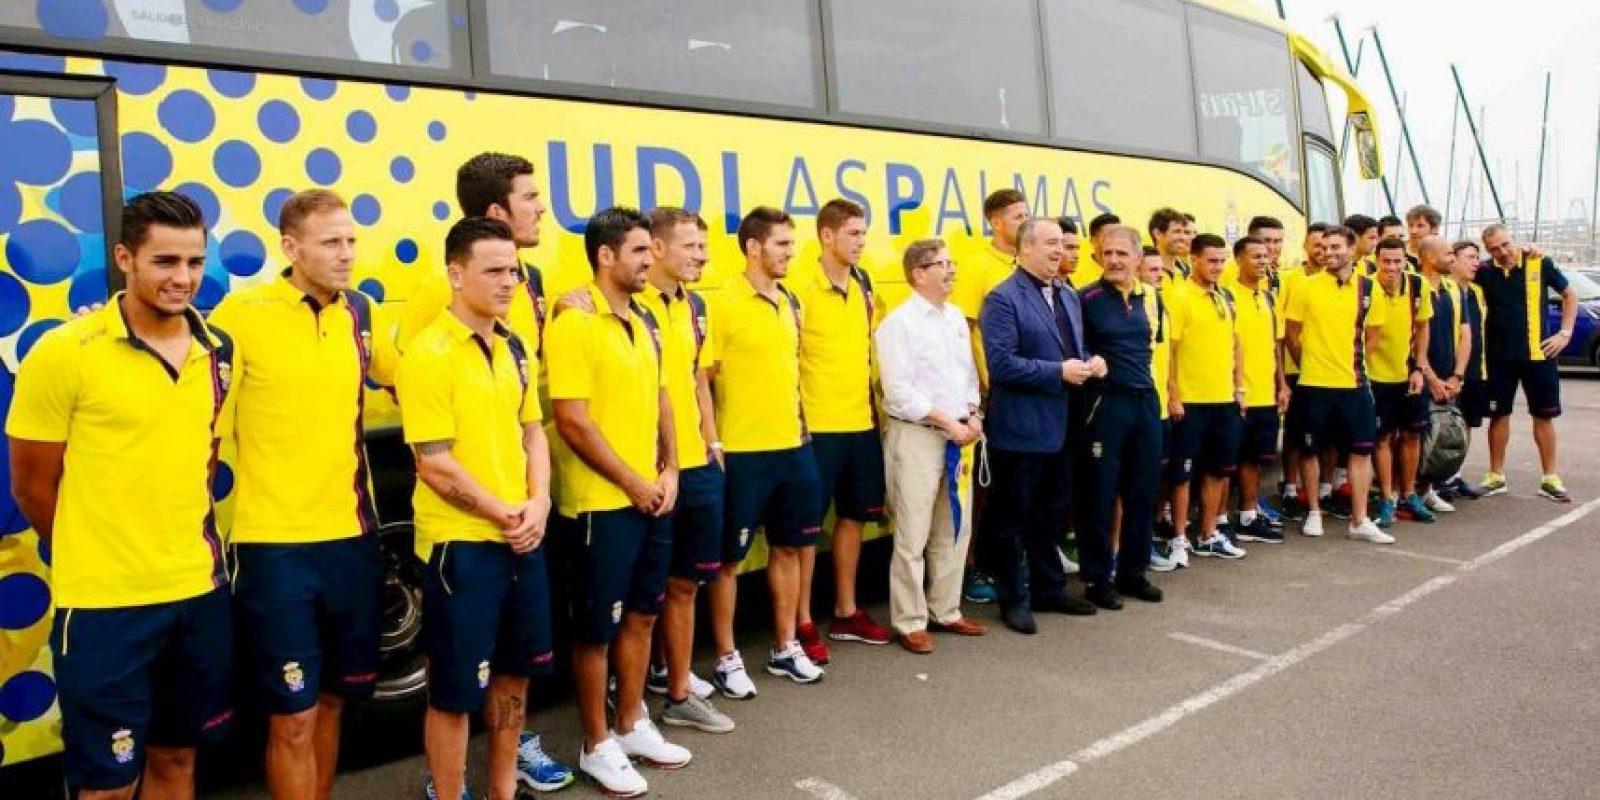 18. UD Las Palmas / Las Palmas de Gran Canaria / DT Paco Herrera / Estadio Gran Canaria. Foto:Vía facebook.com/udlaspalmasoficial